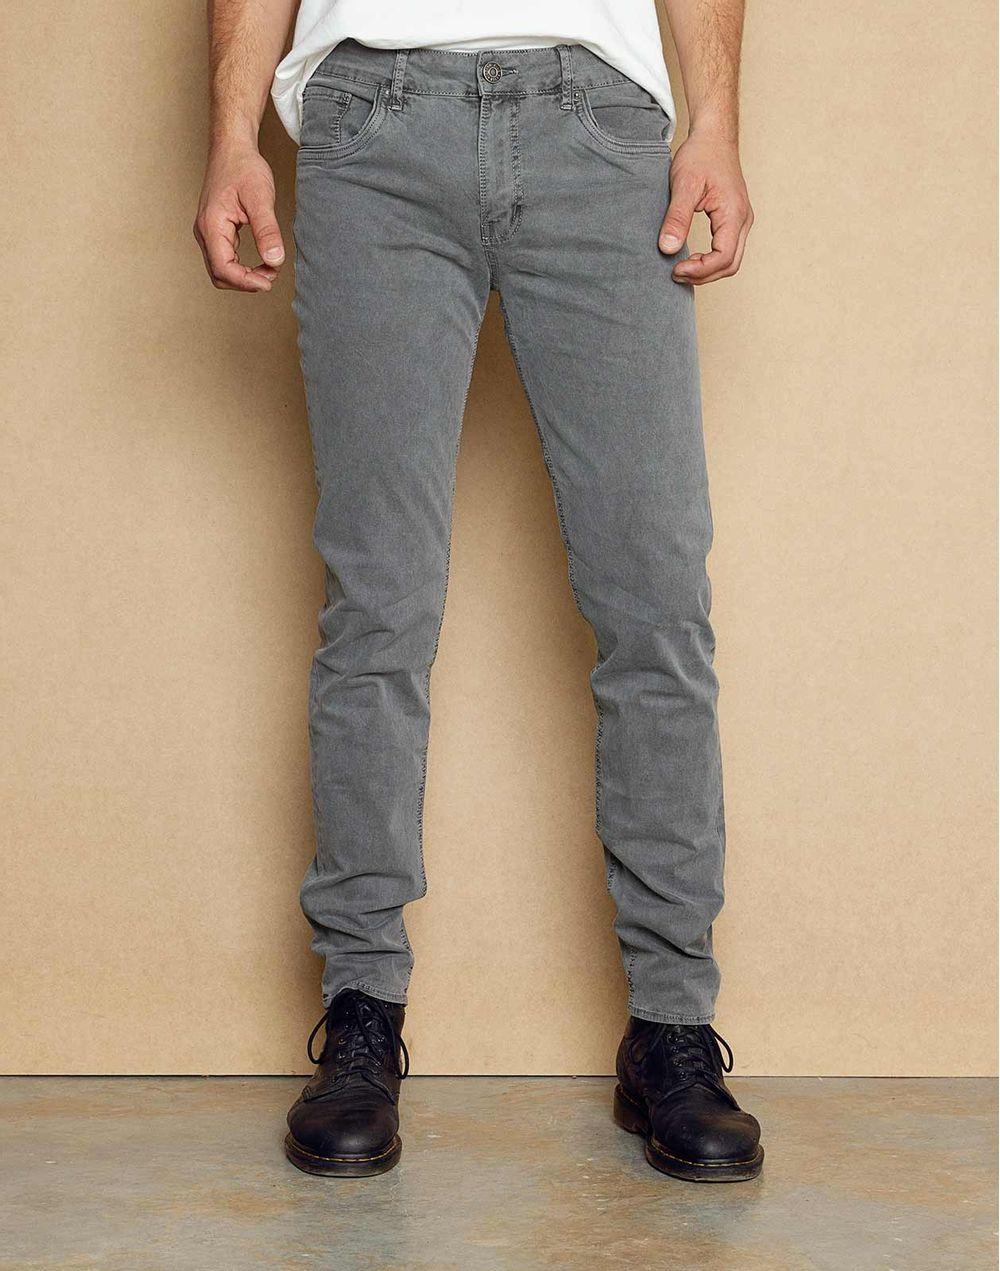 29611acf4a1c5 Pantalón Slim Fit Blanco 36 Compra en tienda COLOR BLUE - colorblue